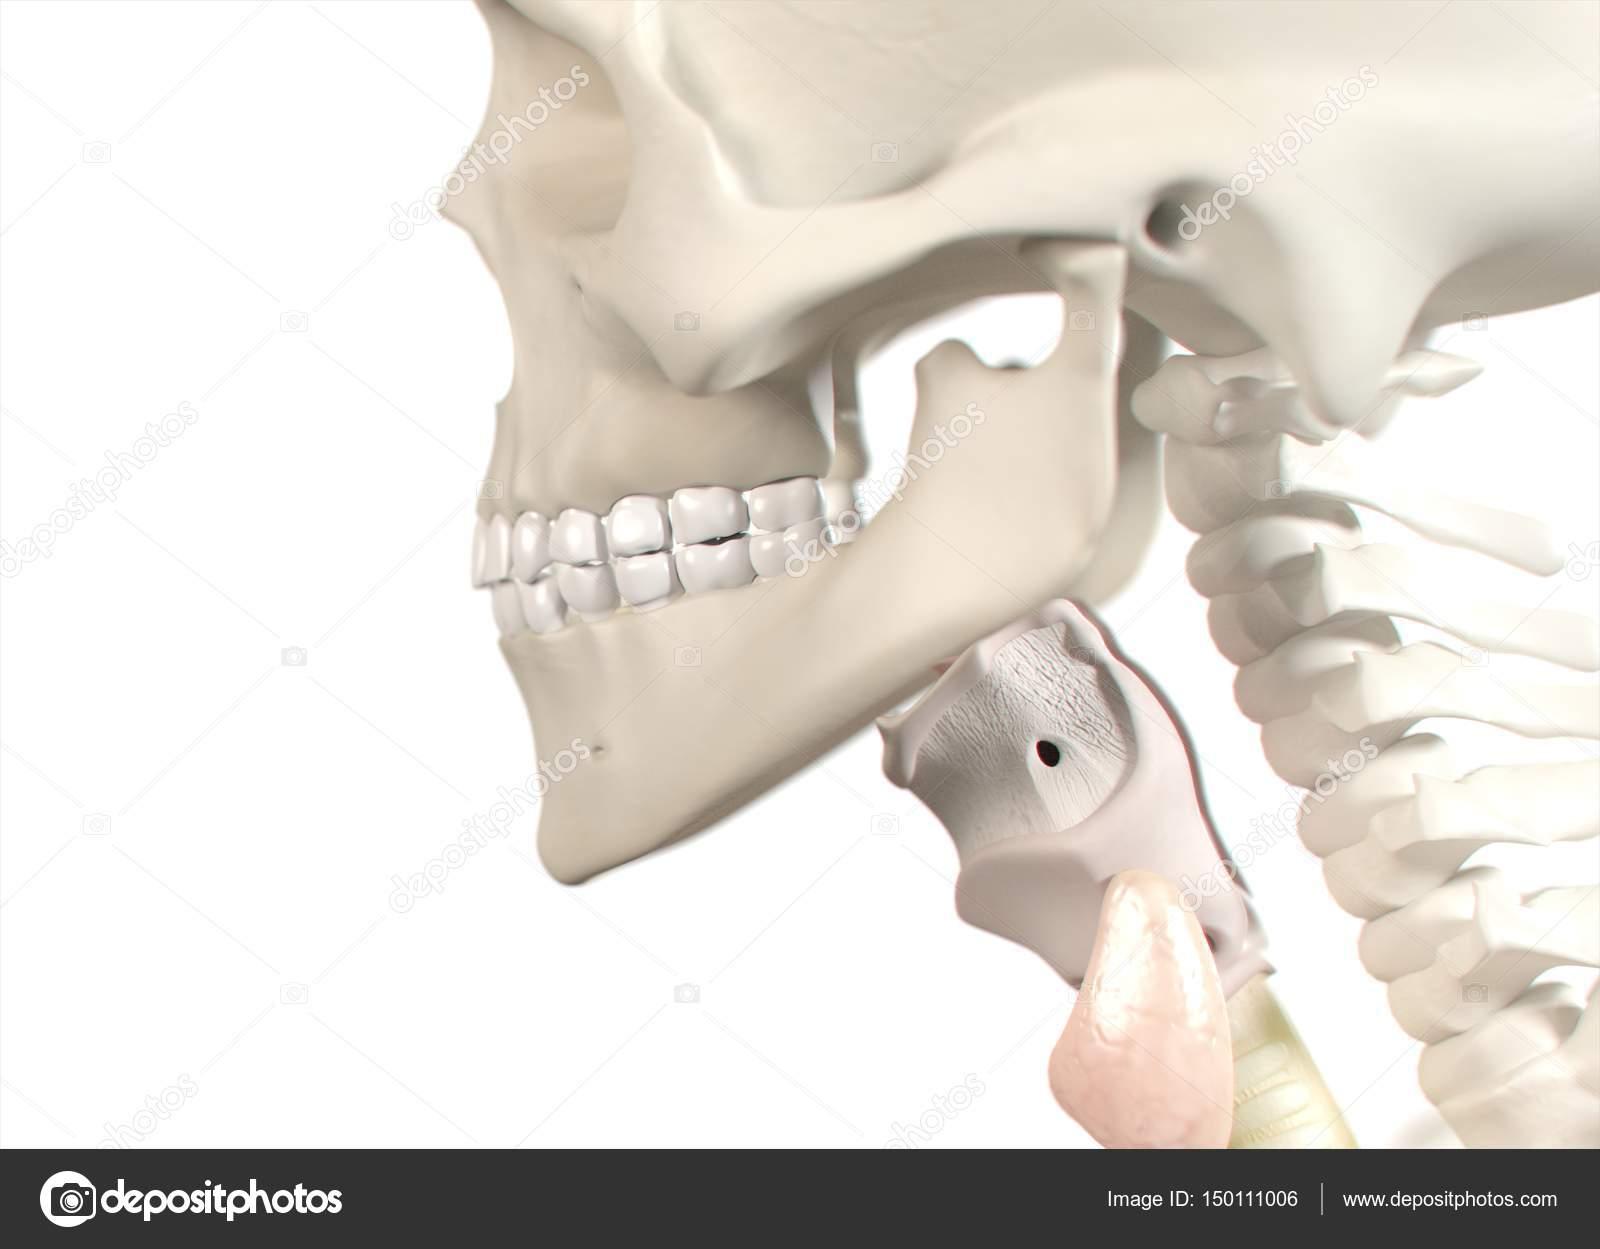 Human Teeth Anatomy Model Stock Photo Anatomyinsider 150111006